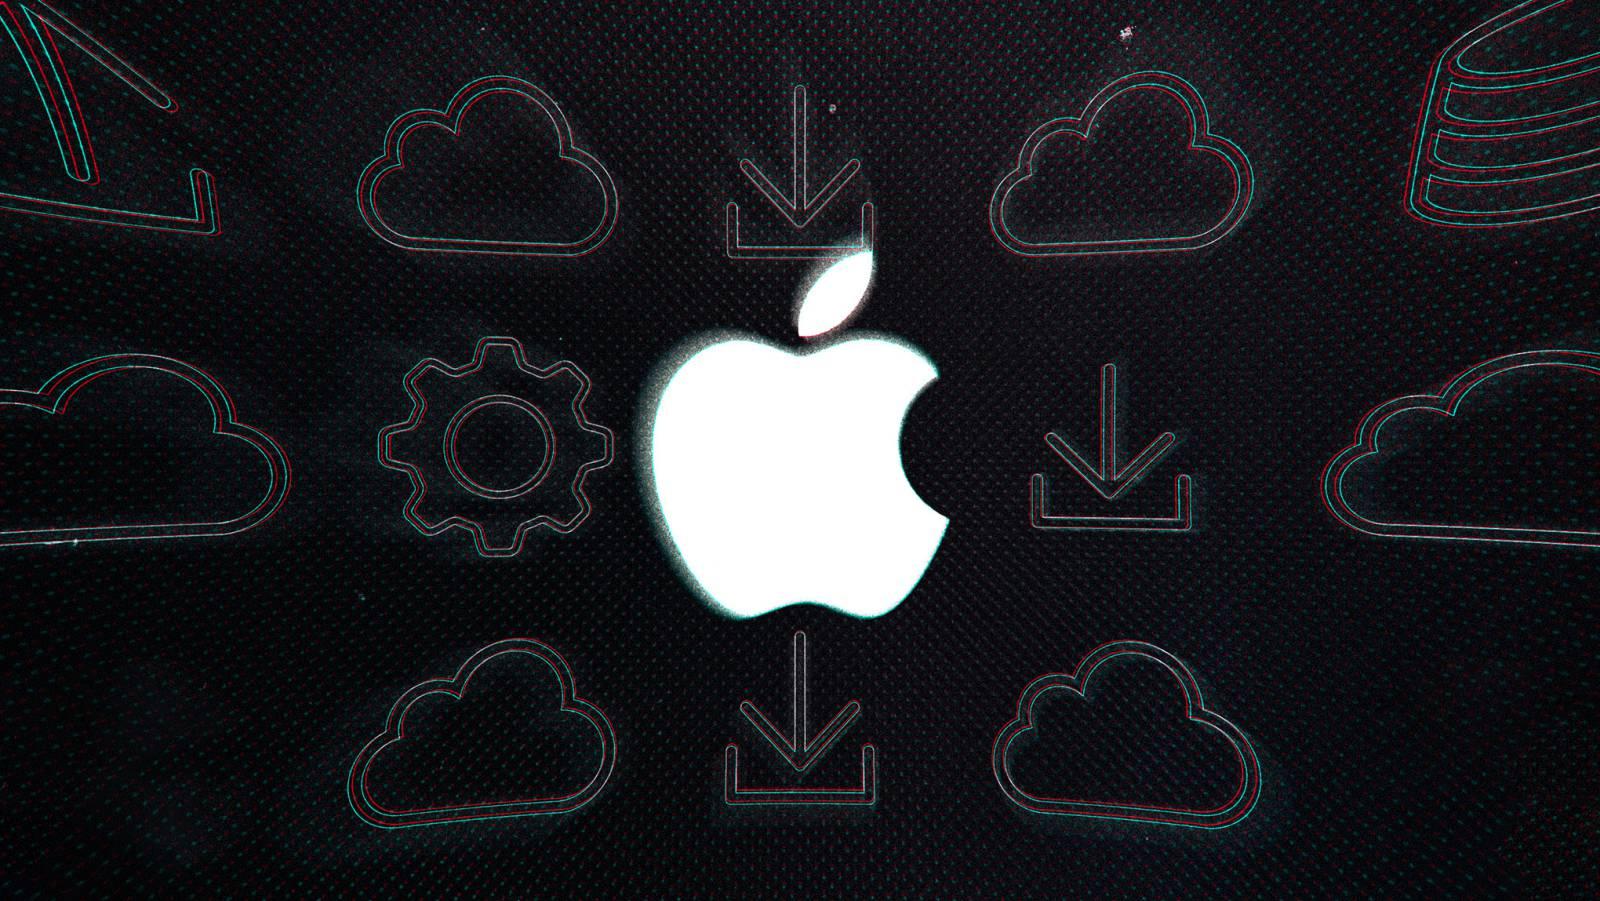 Preturile iPhone, iPad, Mac vor CRESTE, iata ce va face Apple